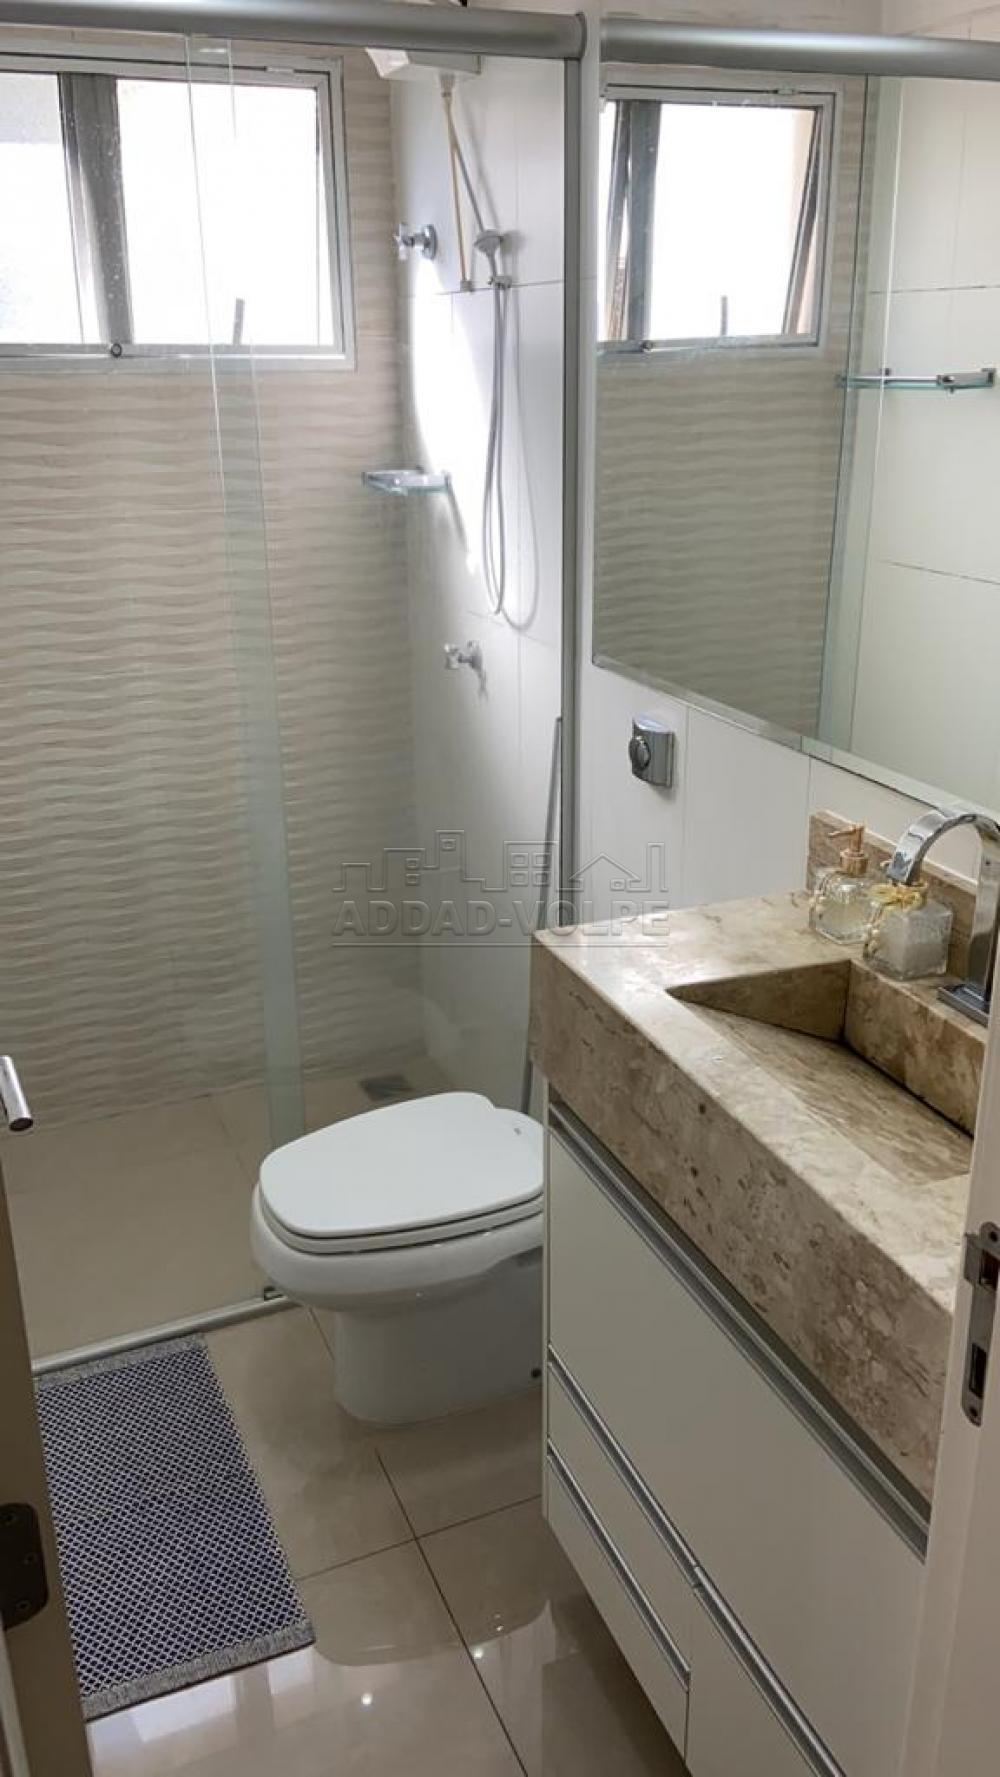 Comprar Apartamento / Padrão em Bauru R$ 307.400,00 - Foto 9